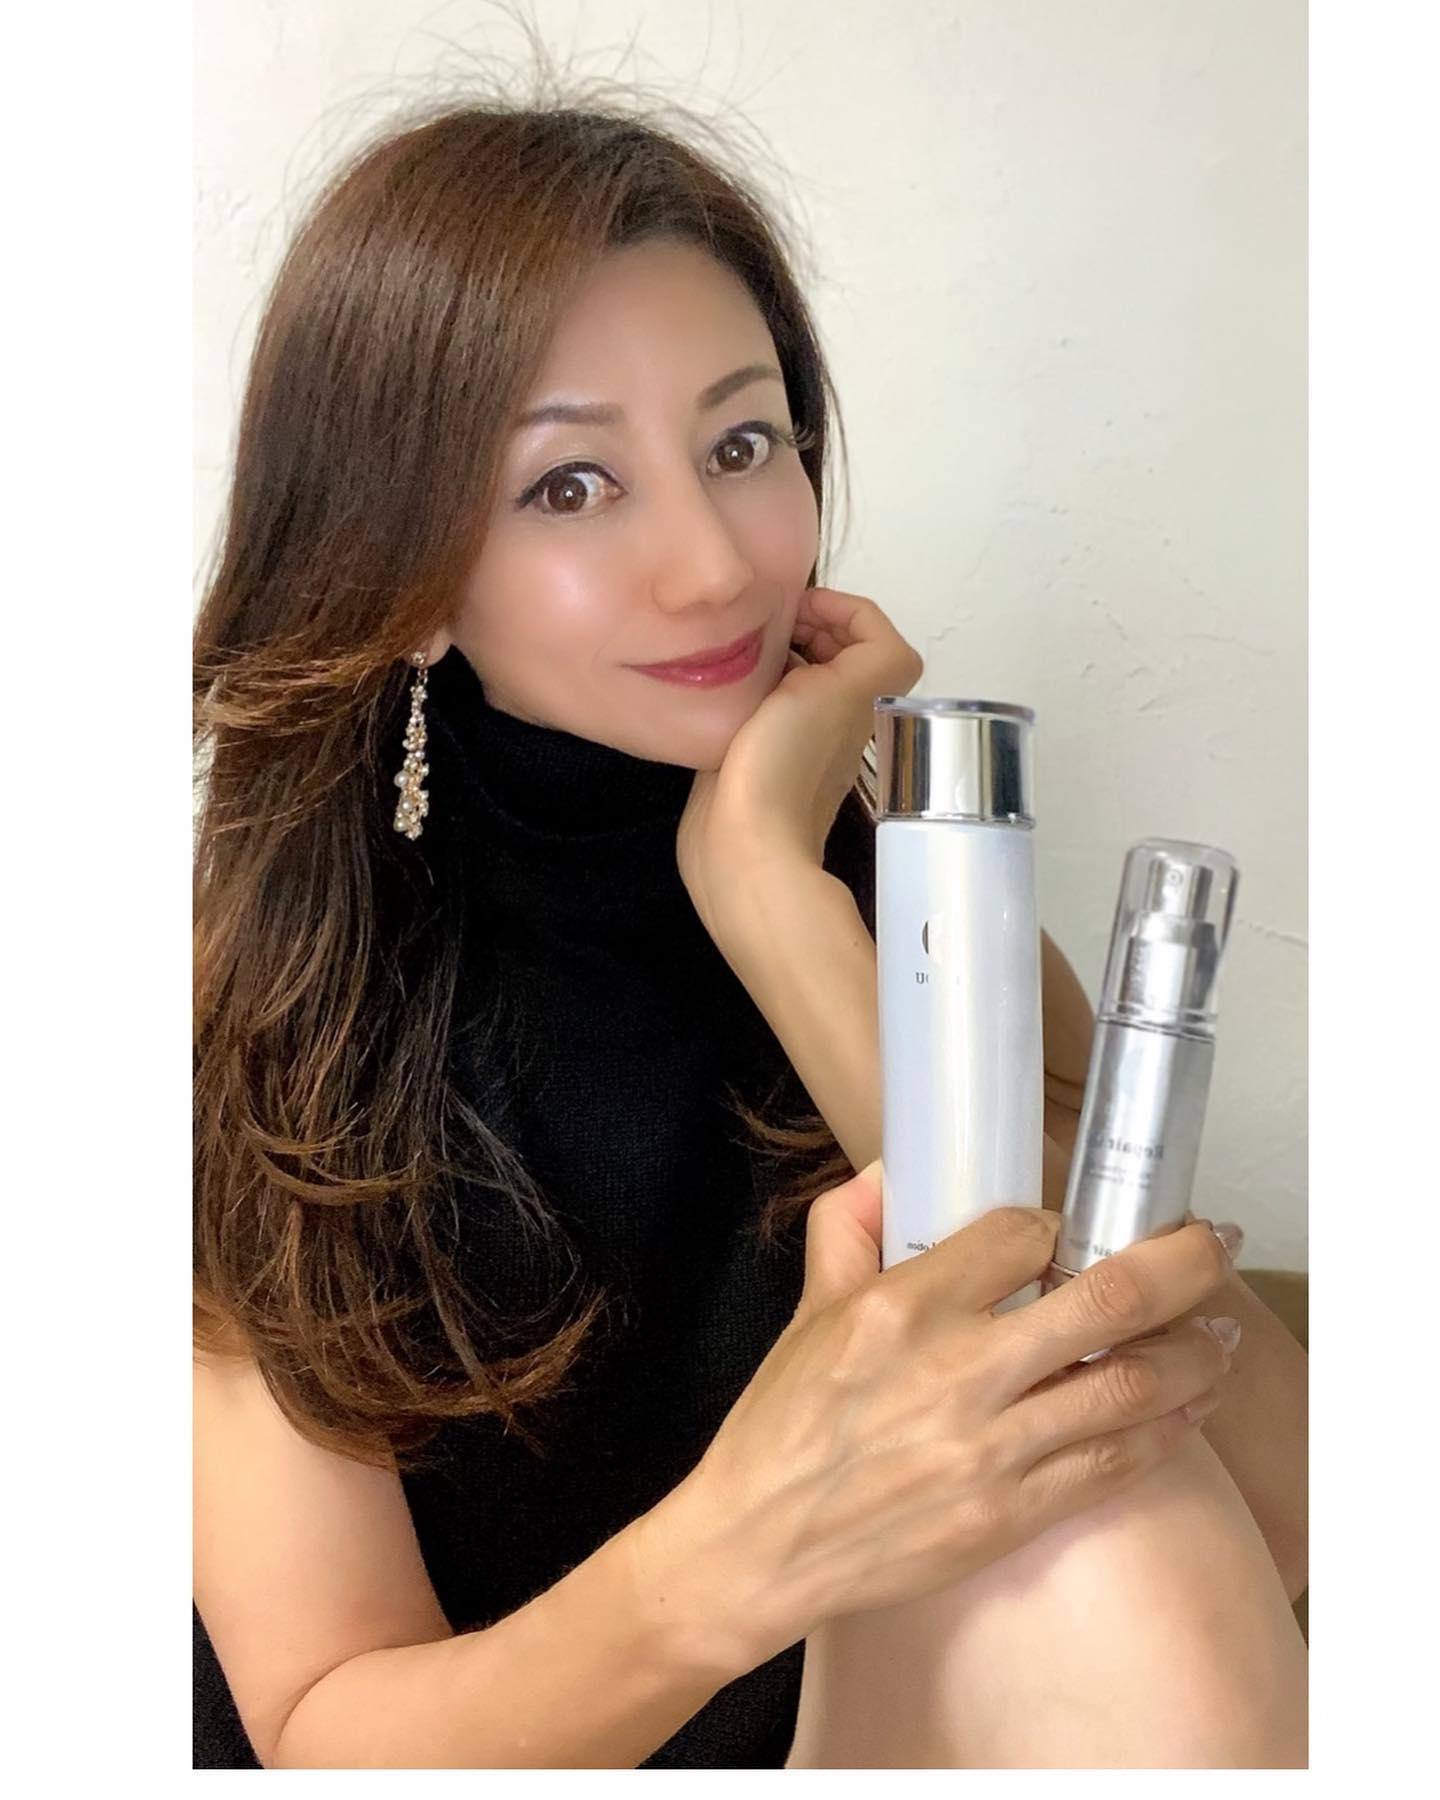 口コミ投稿:こんにちは☺️いつも愛用している化粧品@risou_official 化粧水と美容液リペアローシ…